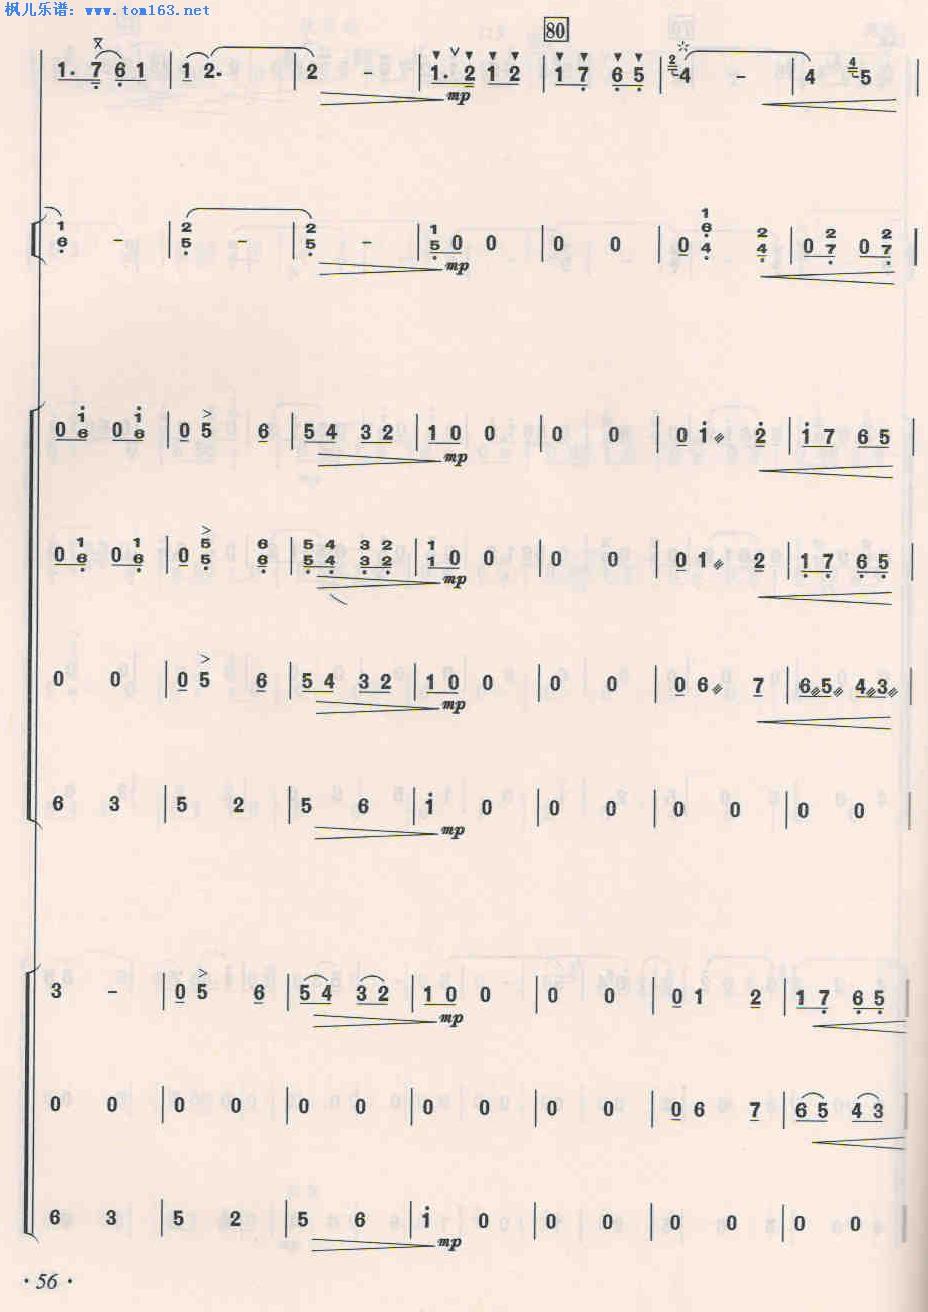 笛子独奏曲谱大全 g调笛子独奏曲谱大全 笛子独奏早晨曲谱